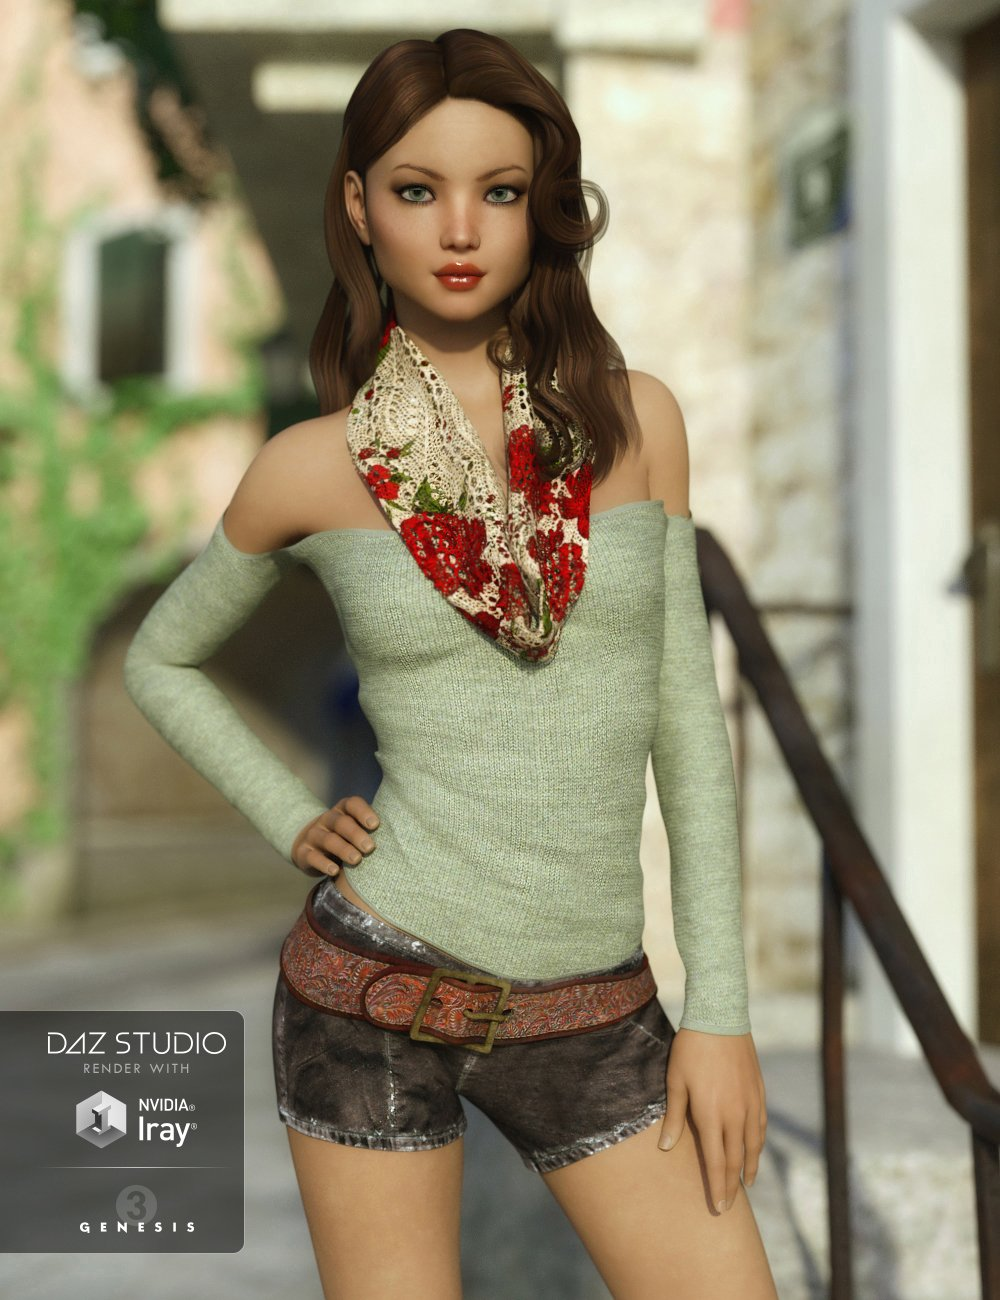 FWSA Filia HD for Sunny 7 by: Fred Winkler ArtSabby, 3D Models by Daz 3D